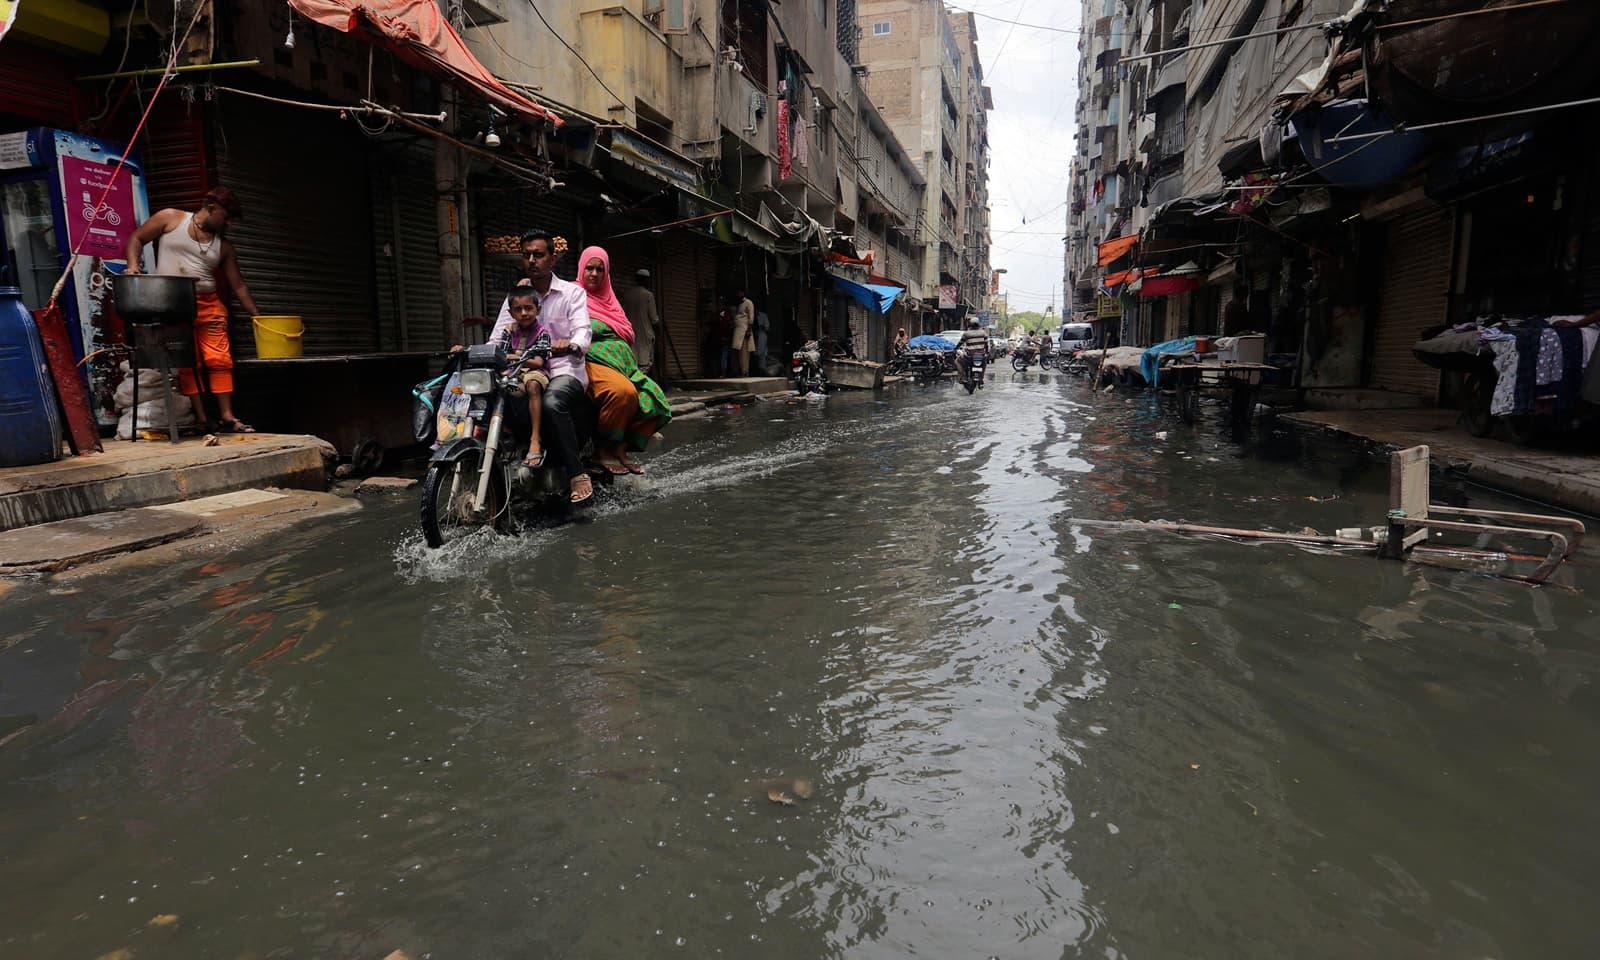 بارشوں کے باعث کراچی کے عوام بھی مشکلات کا شکار ہیں  فوٹو: اے پی—